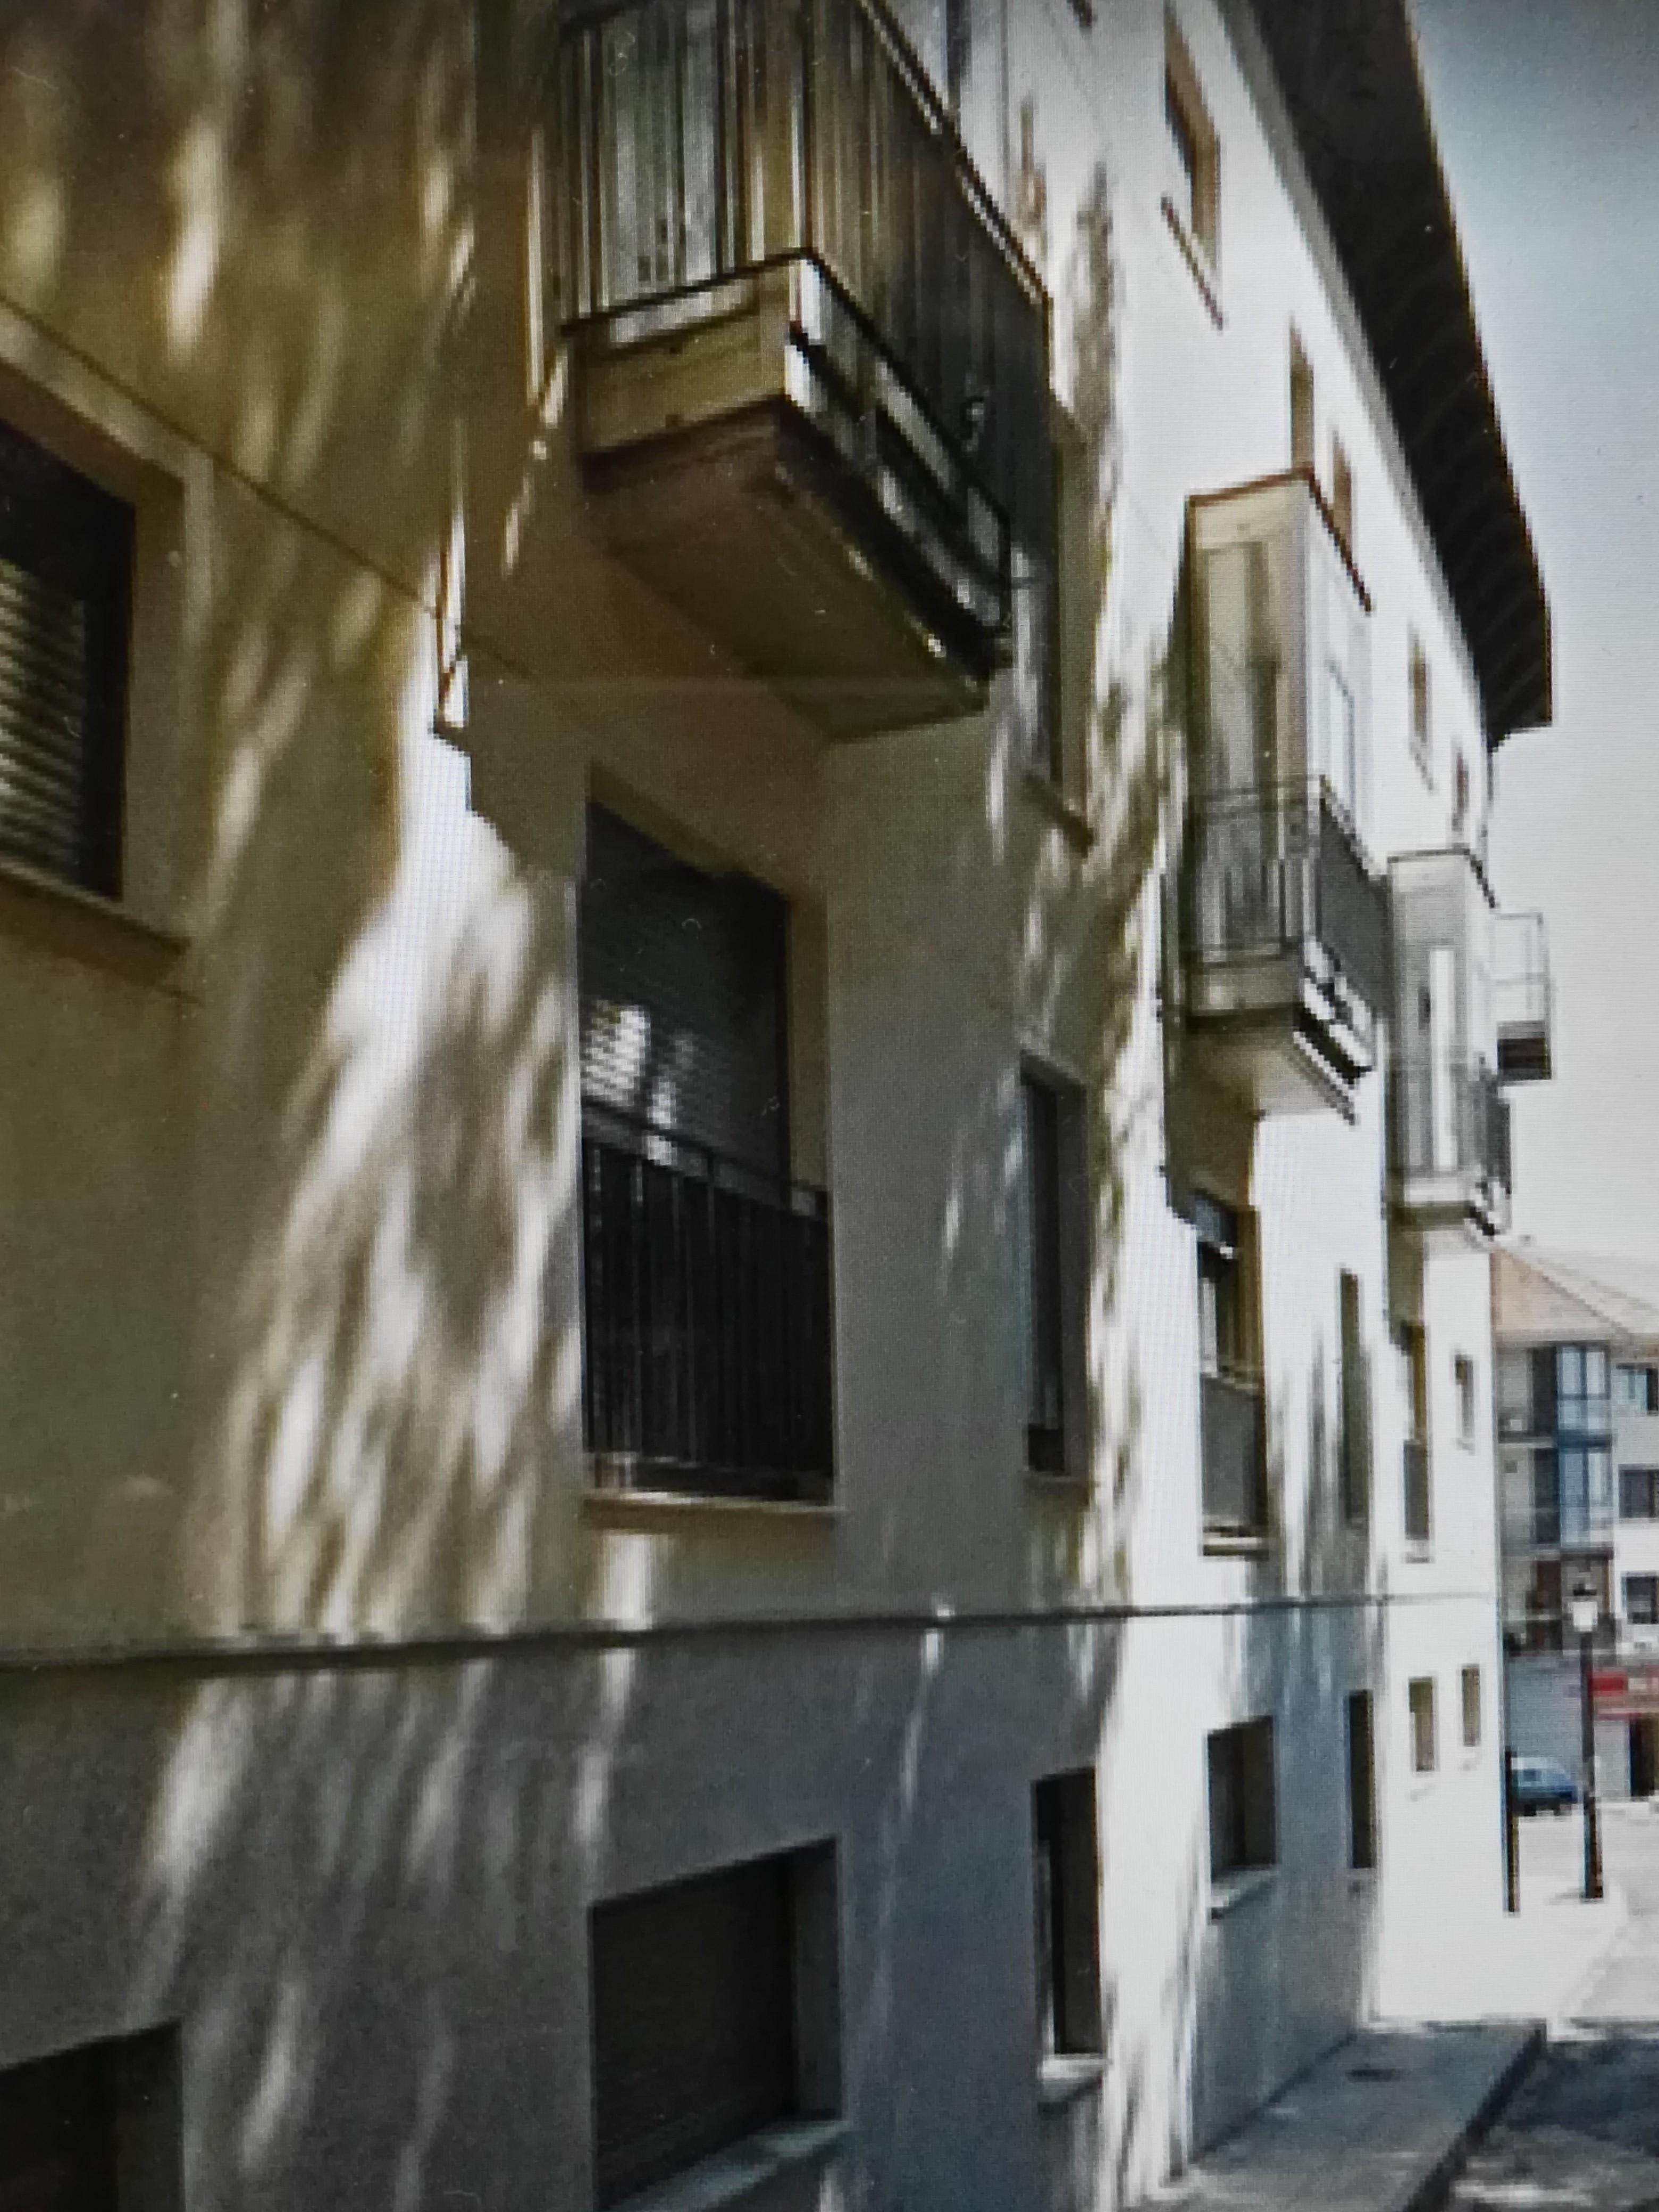 Piso en venta en El Barraco, El Barraco, Ávila, Calle El Chorito, 53.000 €, 3 habitaciones, 1 baño, 73 m2